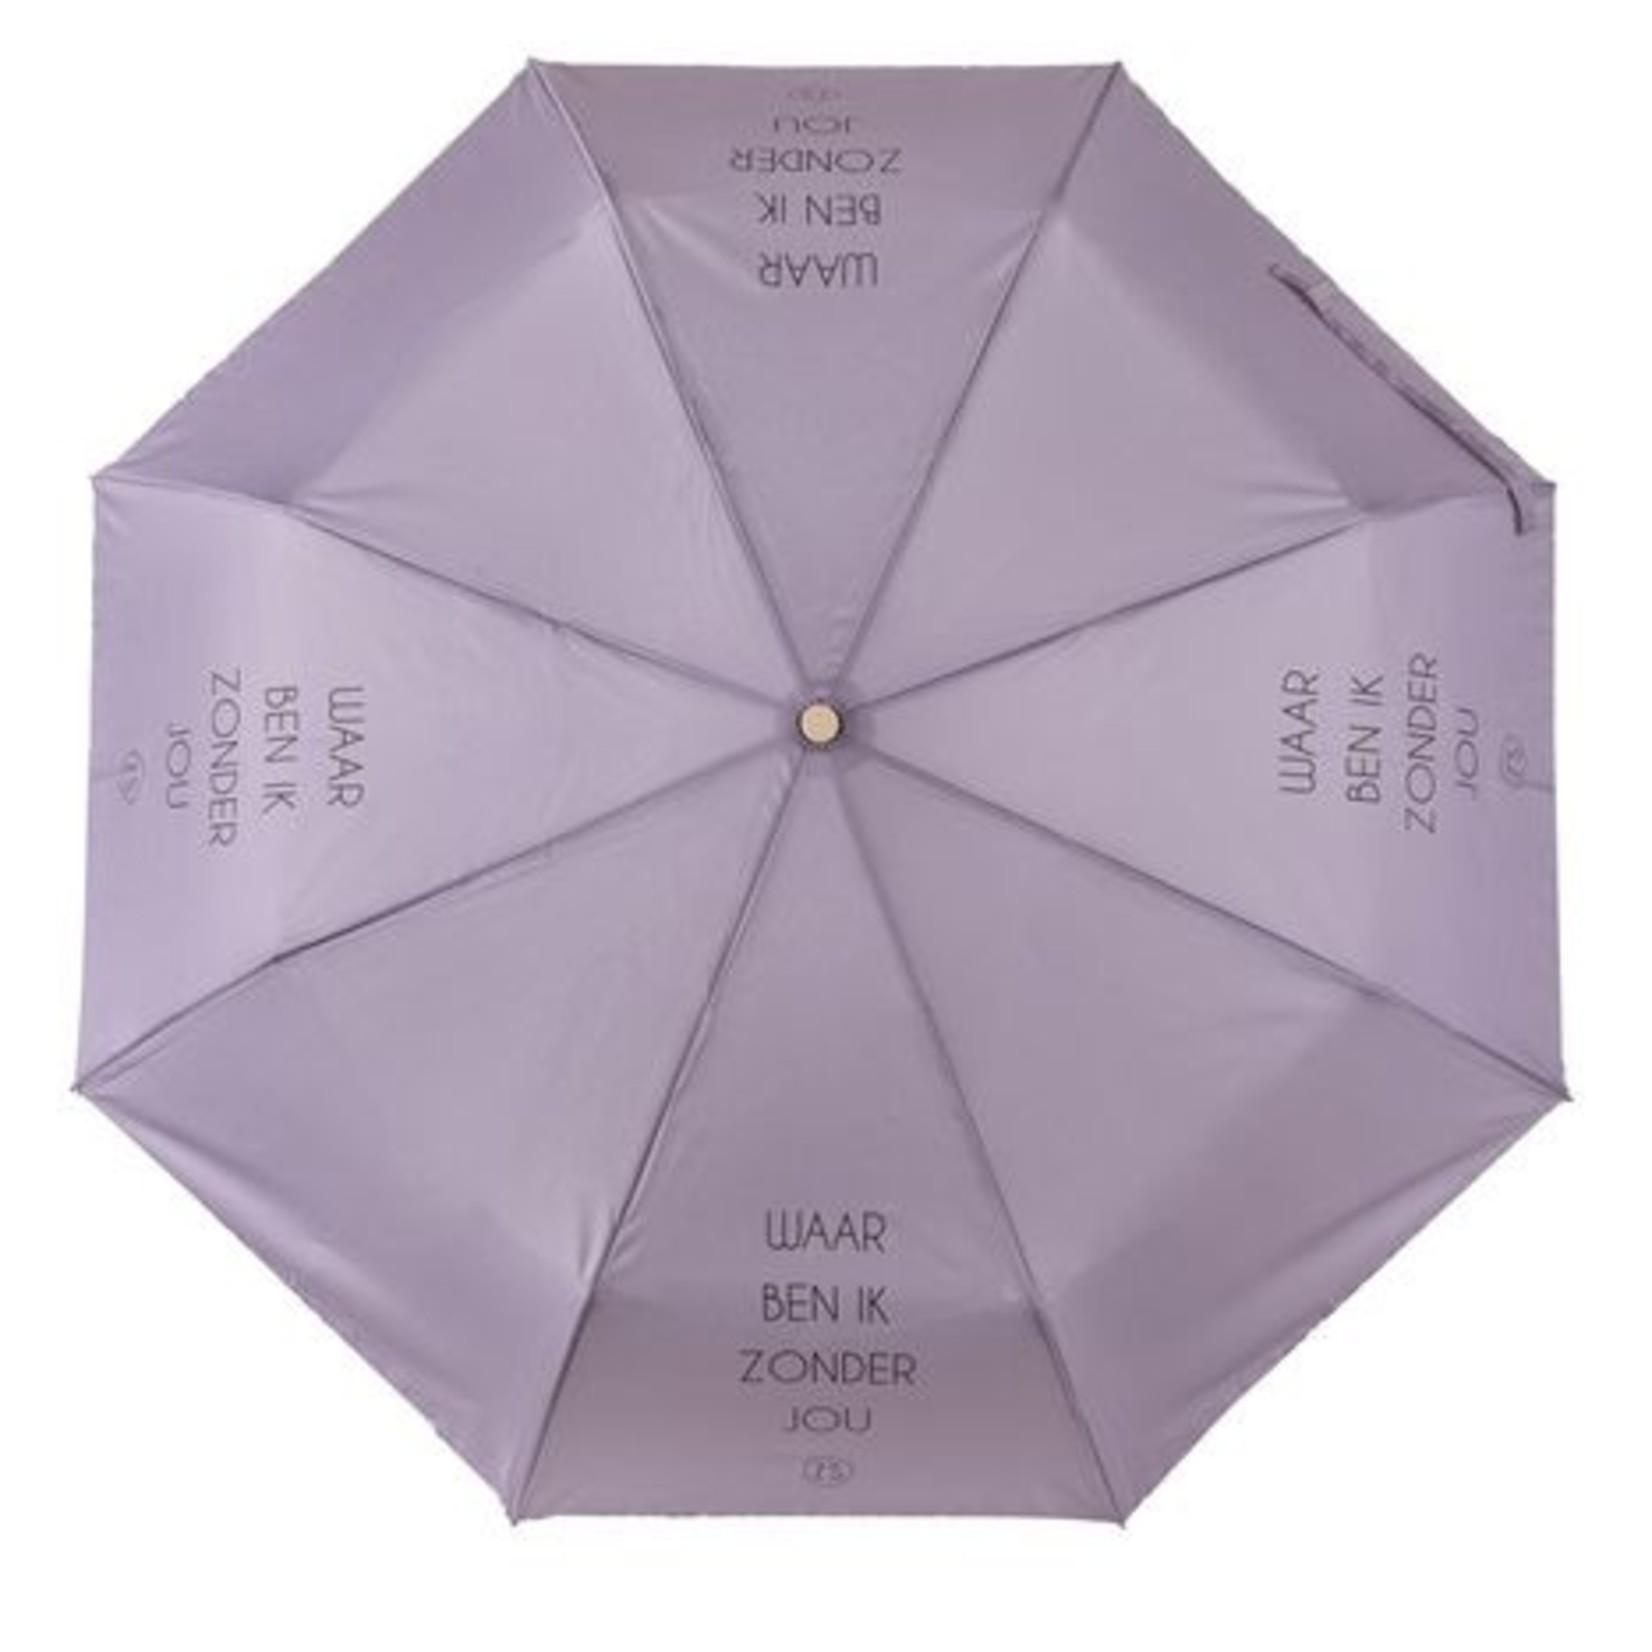 Zusss Paraplu - Inklapbaar - Waar ben ik zonder jou